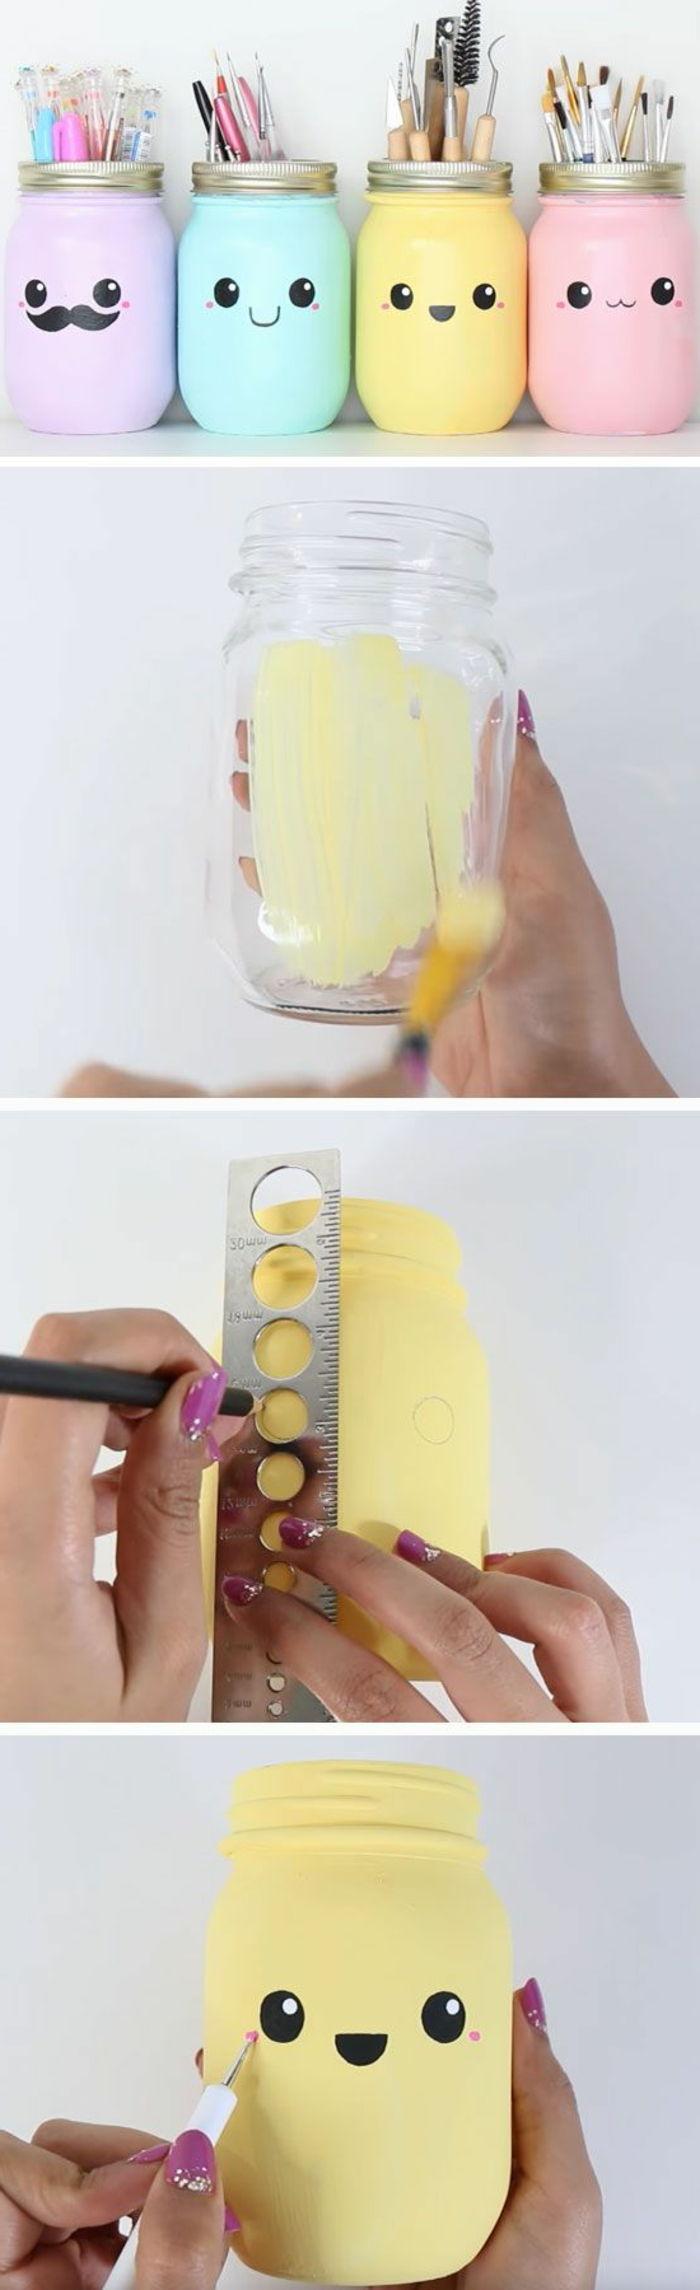 pot a crayon fabriqu C3 A9 C3 A0 partir de bocal en verre projet bricolage dessin petits bonhommes id C3 A9e activit C3 A9 manuelle adulte